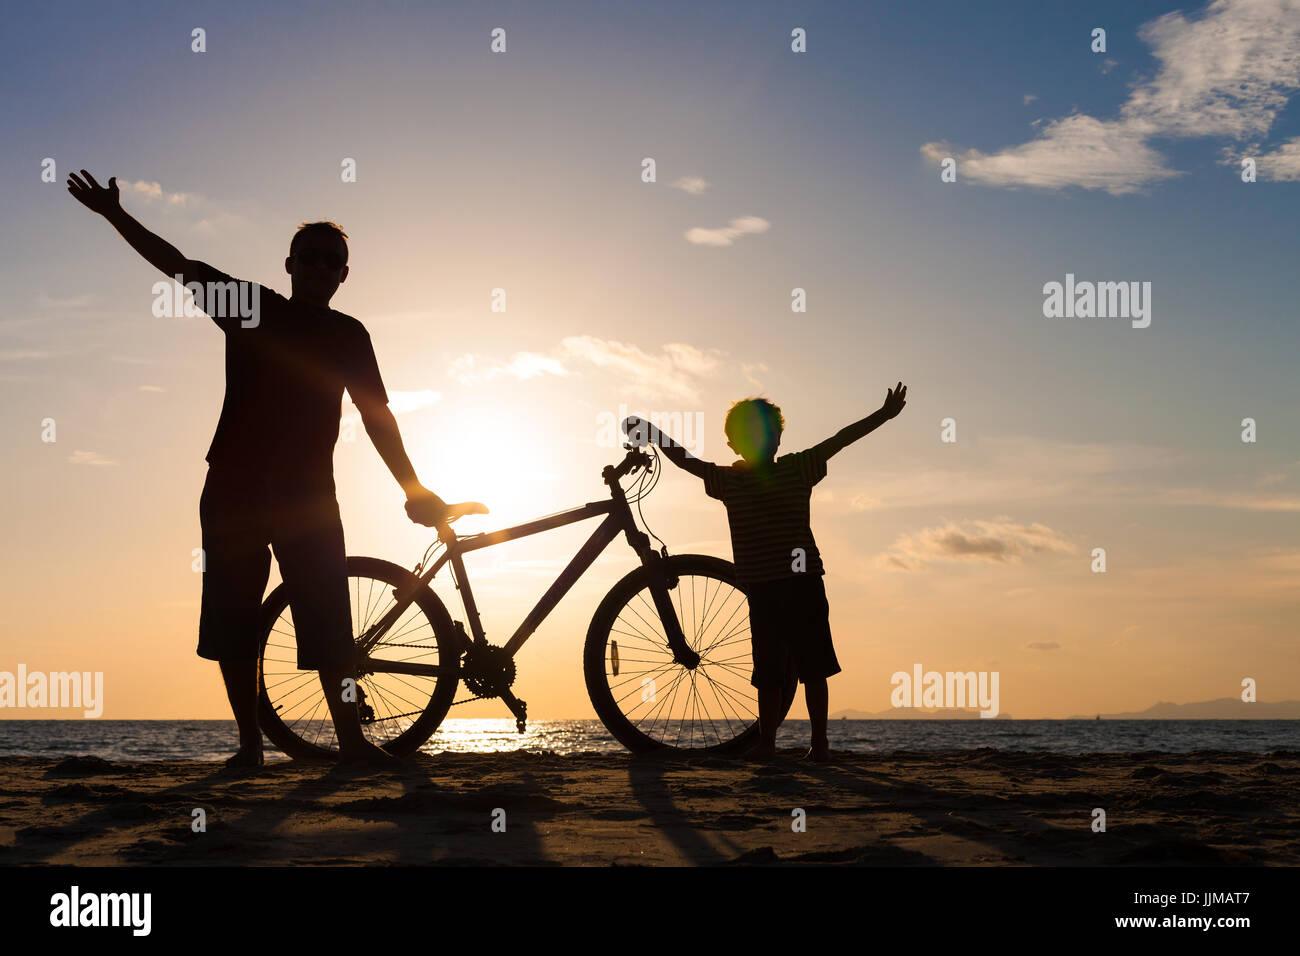 Padre e figlio giocando sulla spiaggia al tramonto. Concetto di felice famiglia amichevole. Immagini Stock